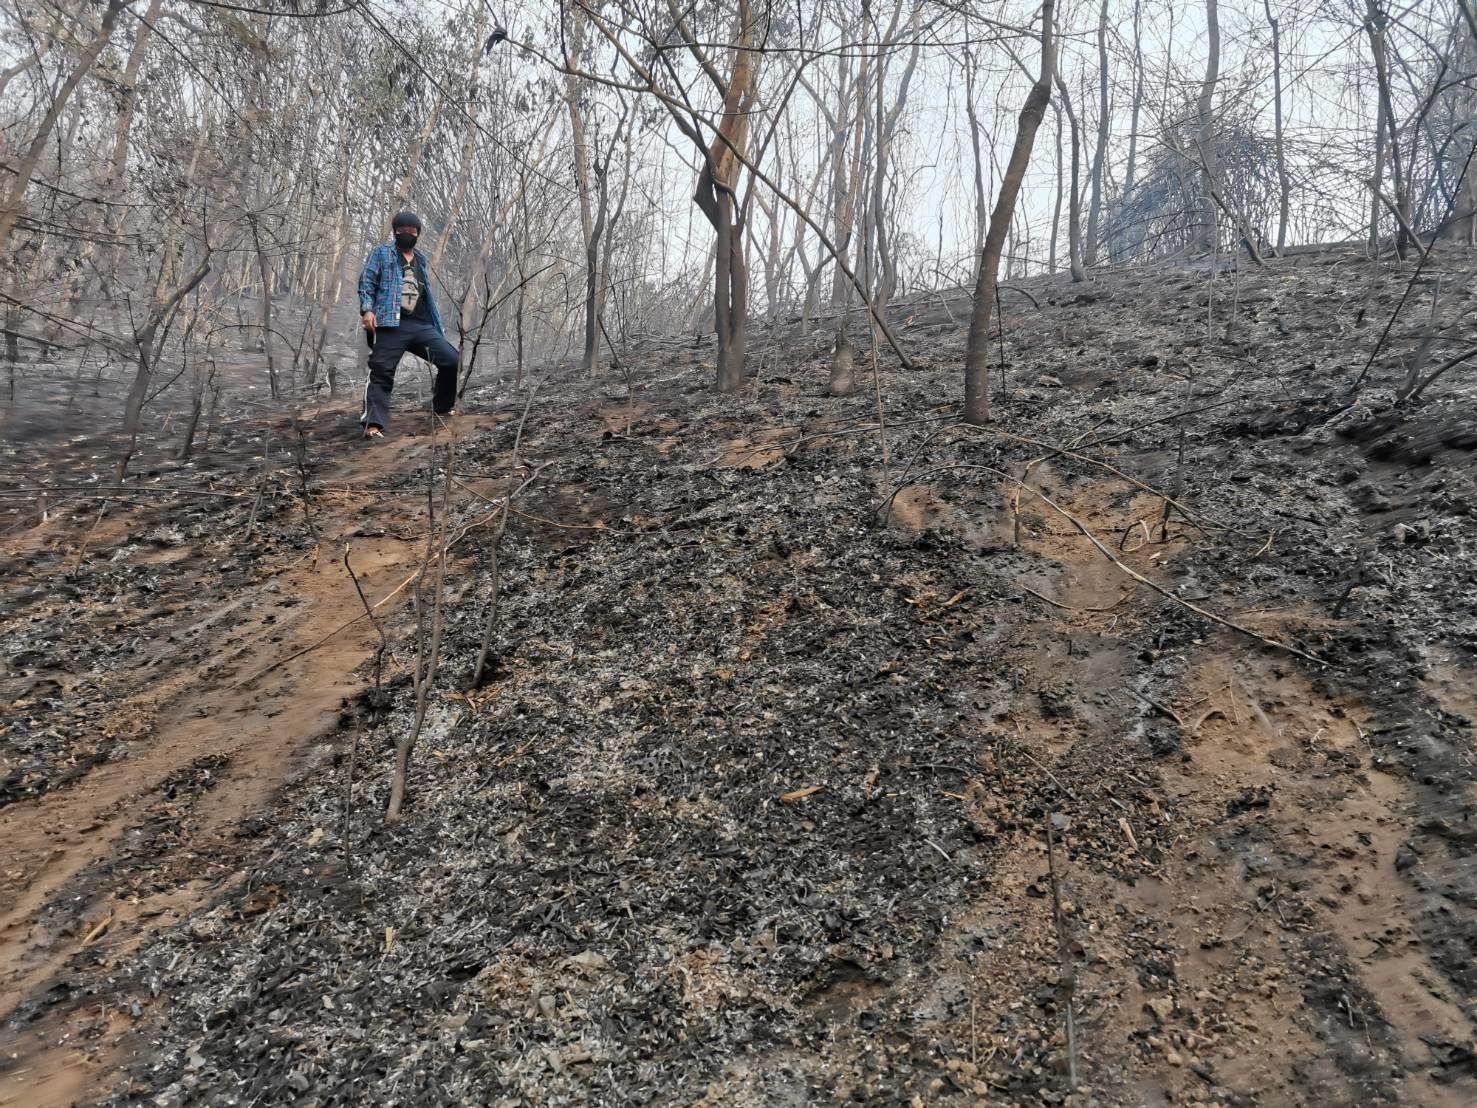 ผู้ว่าฯ เชียงราย เสียใจหลังจิตอาสา ถูกไฟคลอกตายเสียชีวิต 1 ราย พร้อมช่วยเหลือครอบครัวเต็มที่